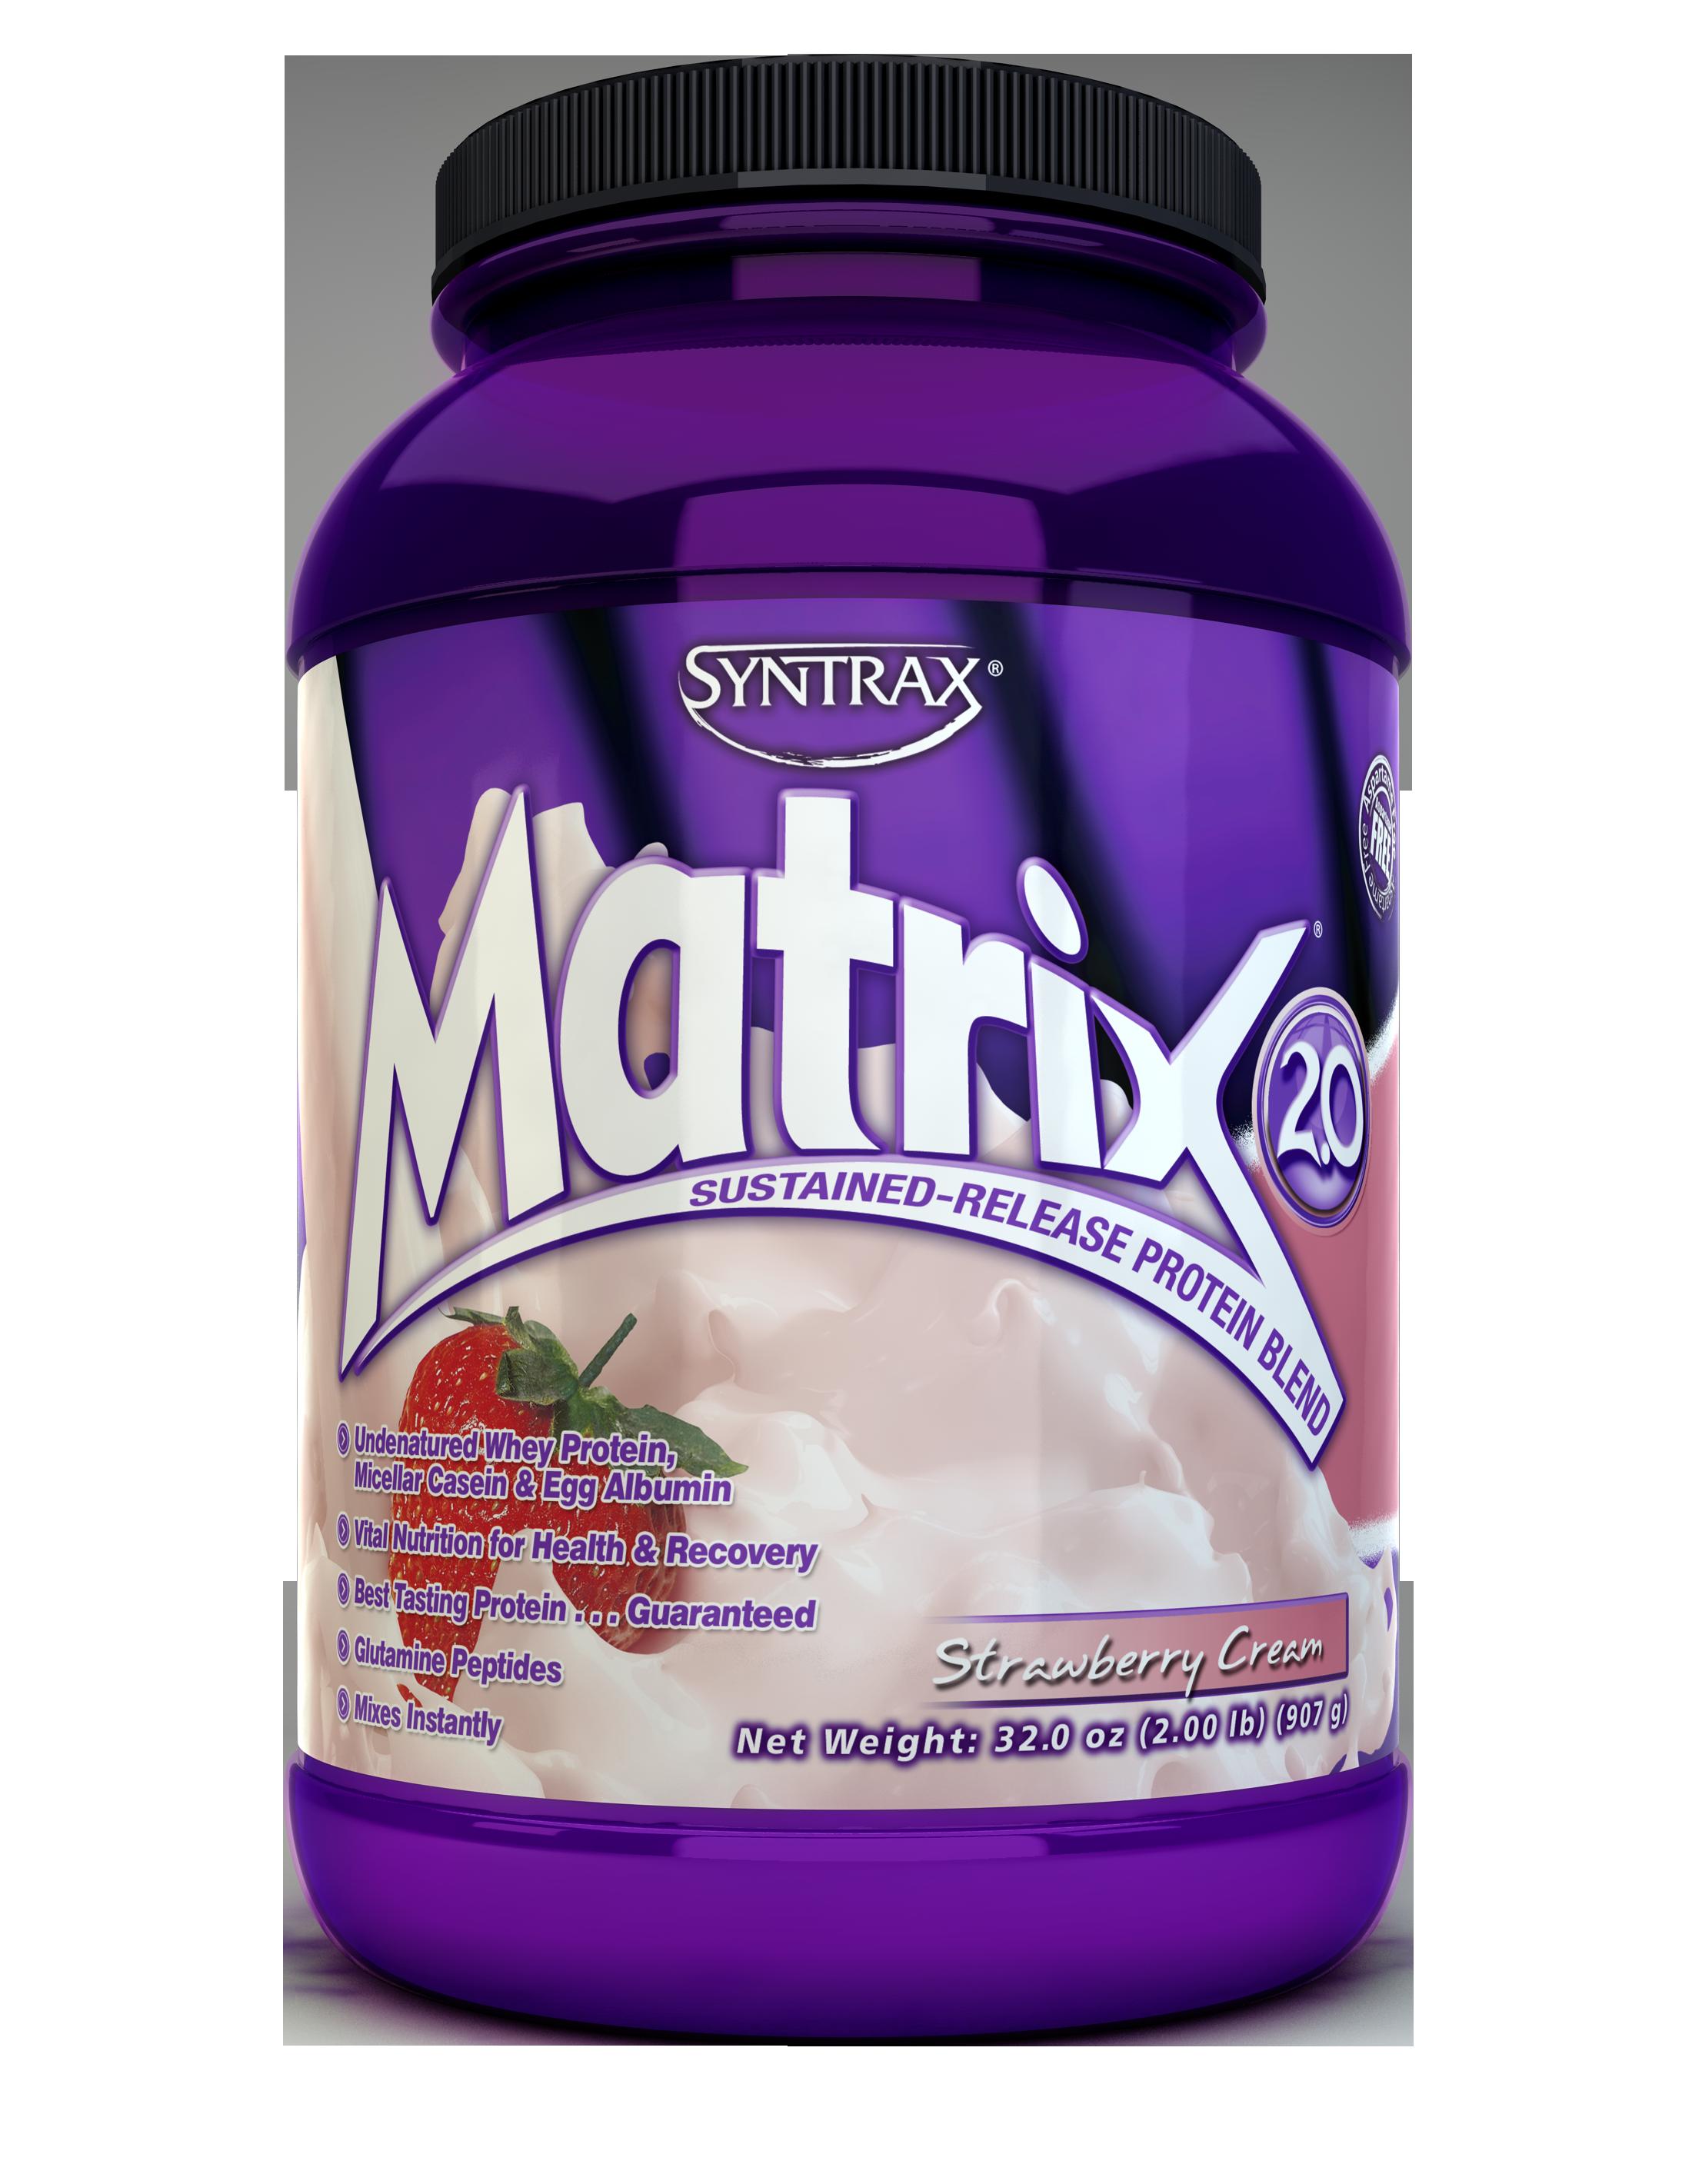 Syntrax Matrix 2.0 - Strawberry Cream 2 lb